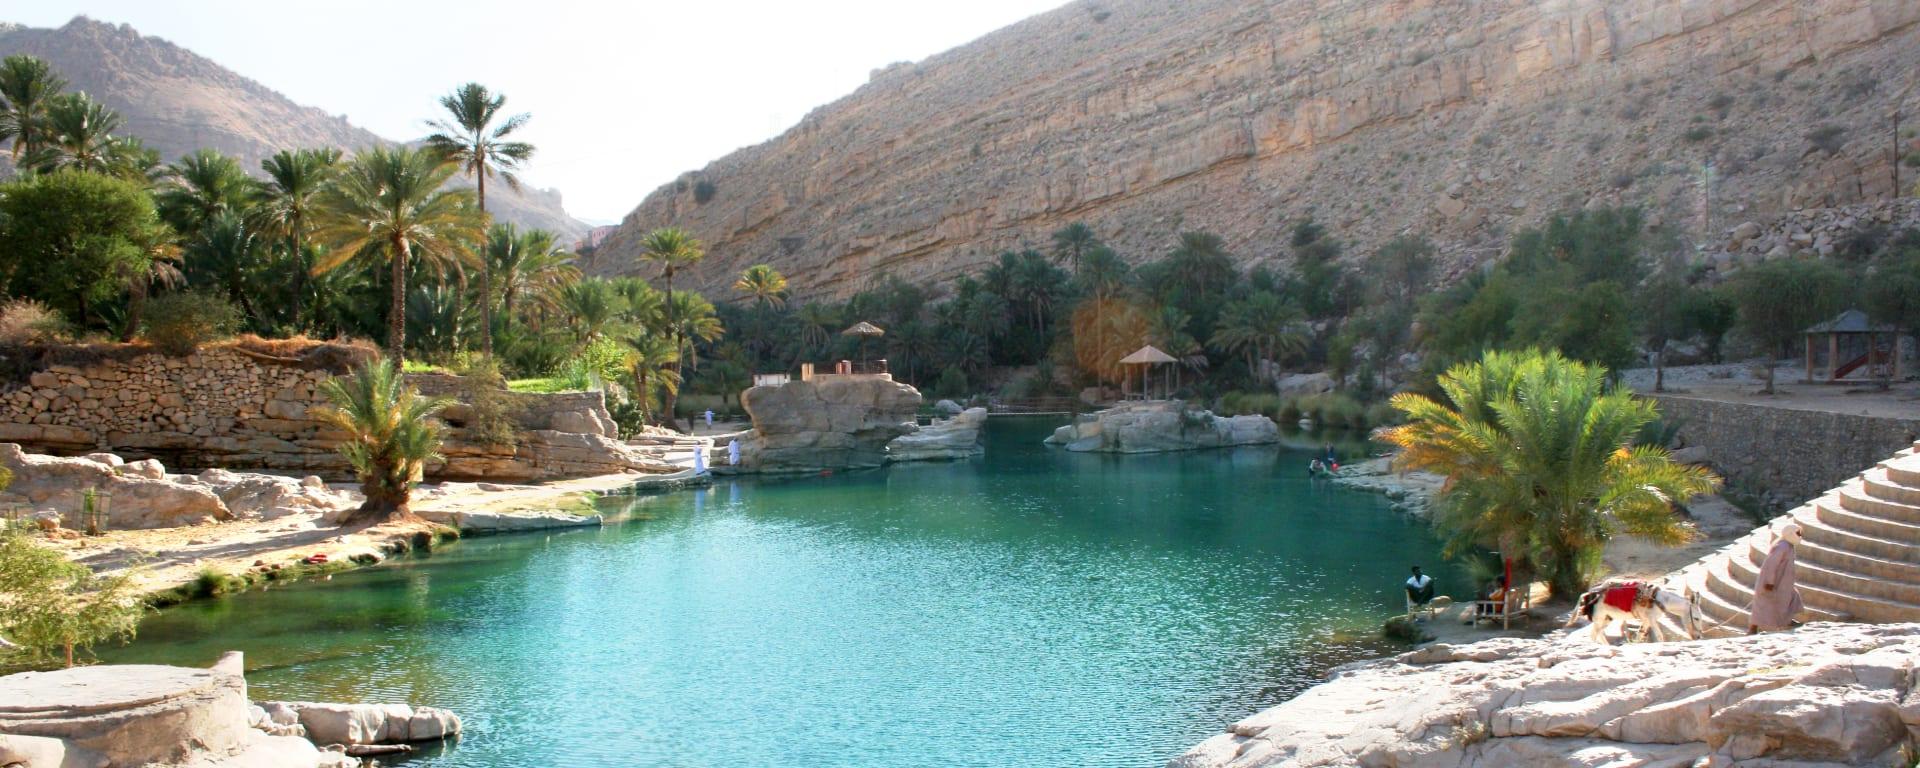 Oman entdecken mit Tischler Reisen: Oman Wadi Bani Khalid